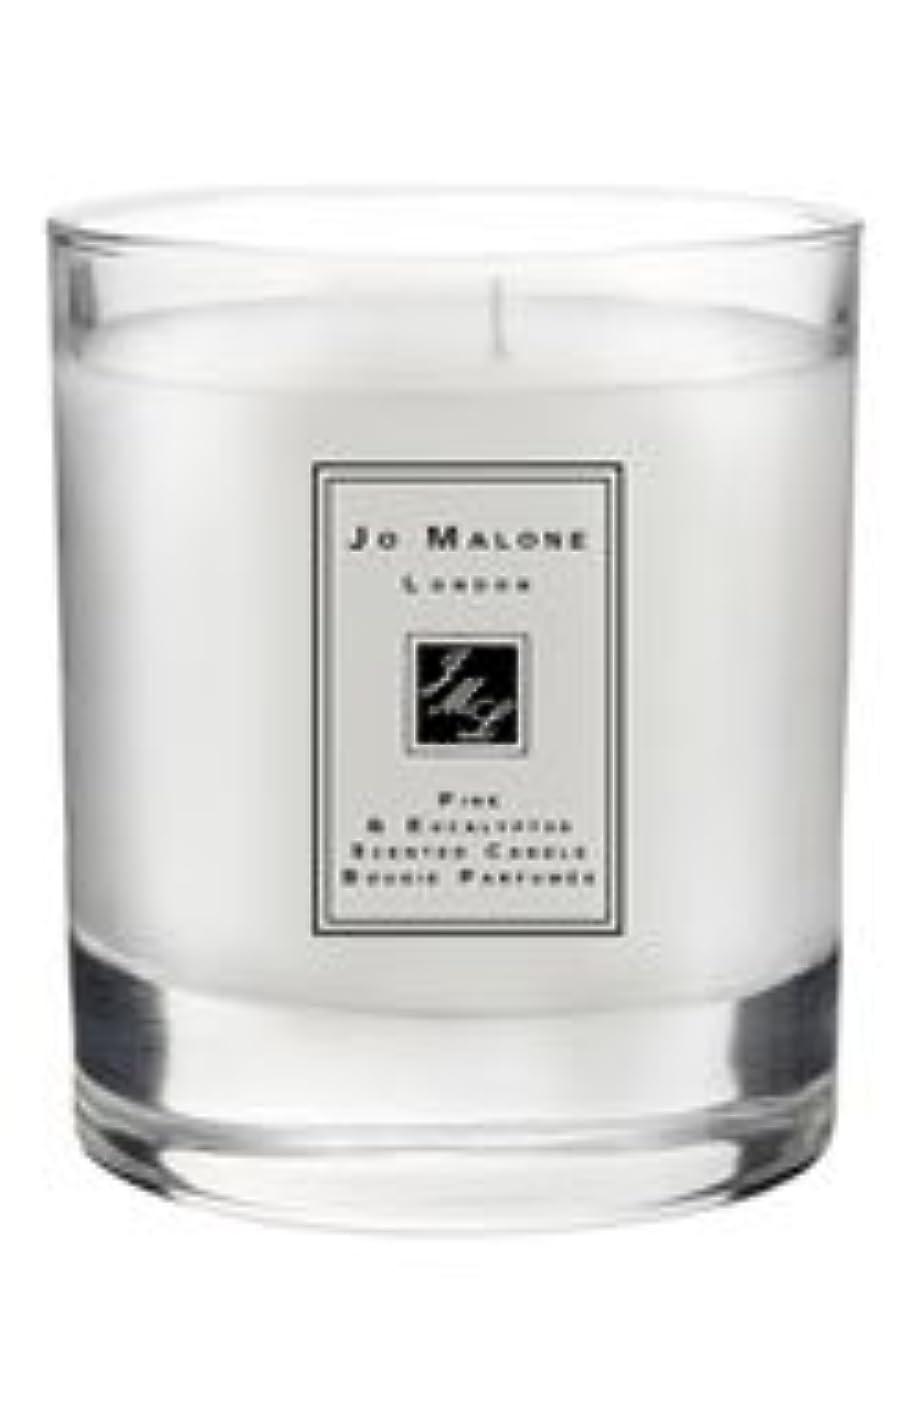 ラインナップ望み人種ジョーマローン パイン&ユーカリプタス 7.0 oz (210ml) ホーム キャンドル (香り付き)